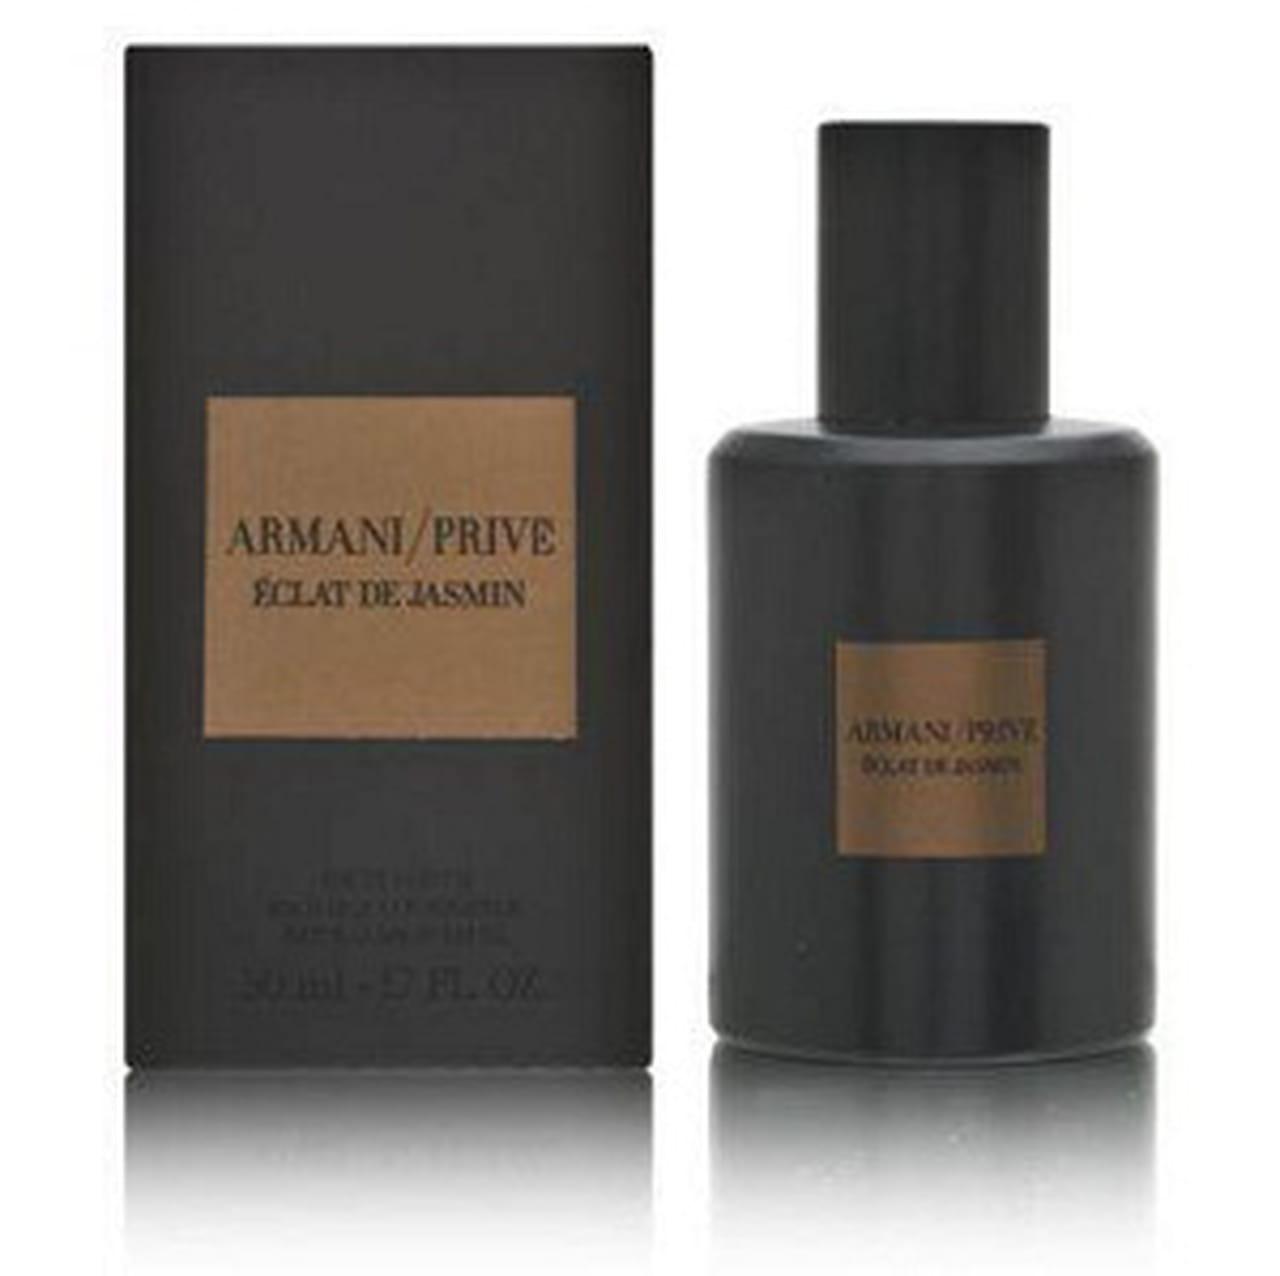 69905f45e 9- Armani Prive Perfume Eclat De Jasmin, GIORGIO ARMANI